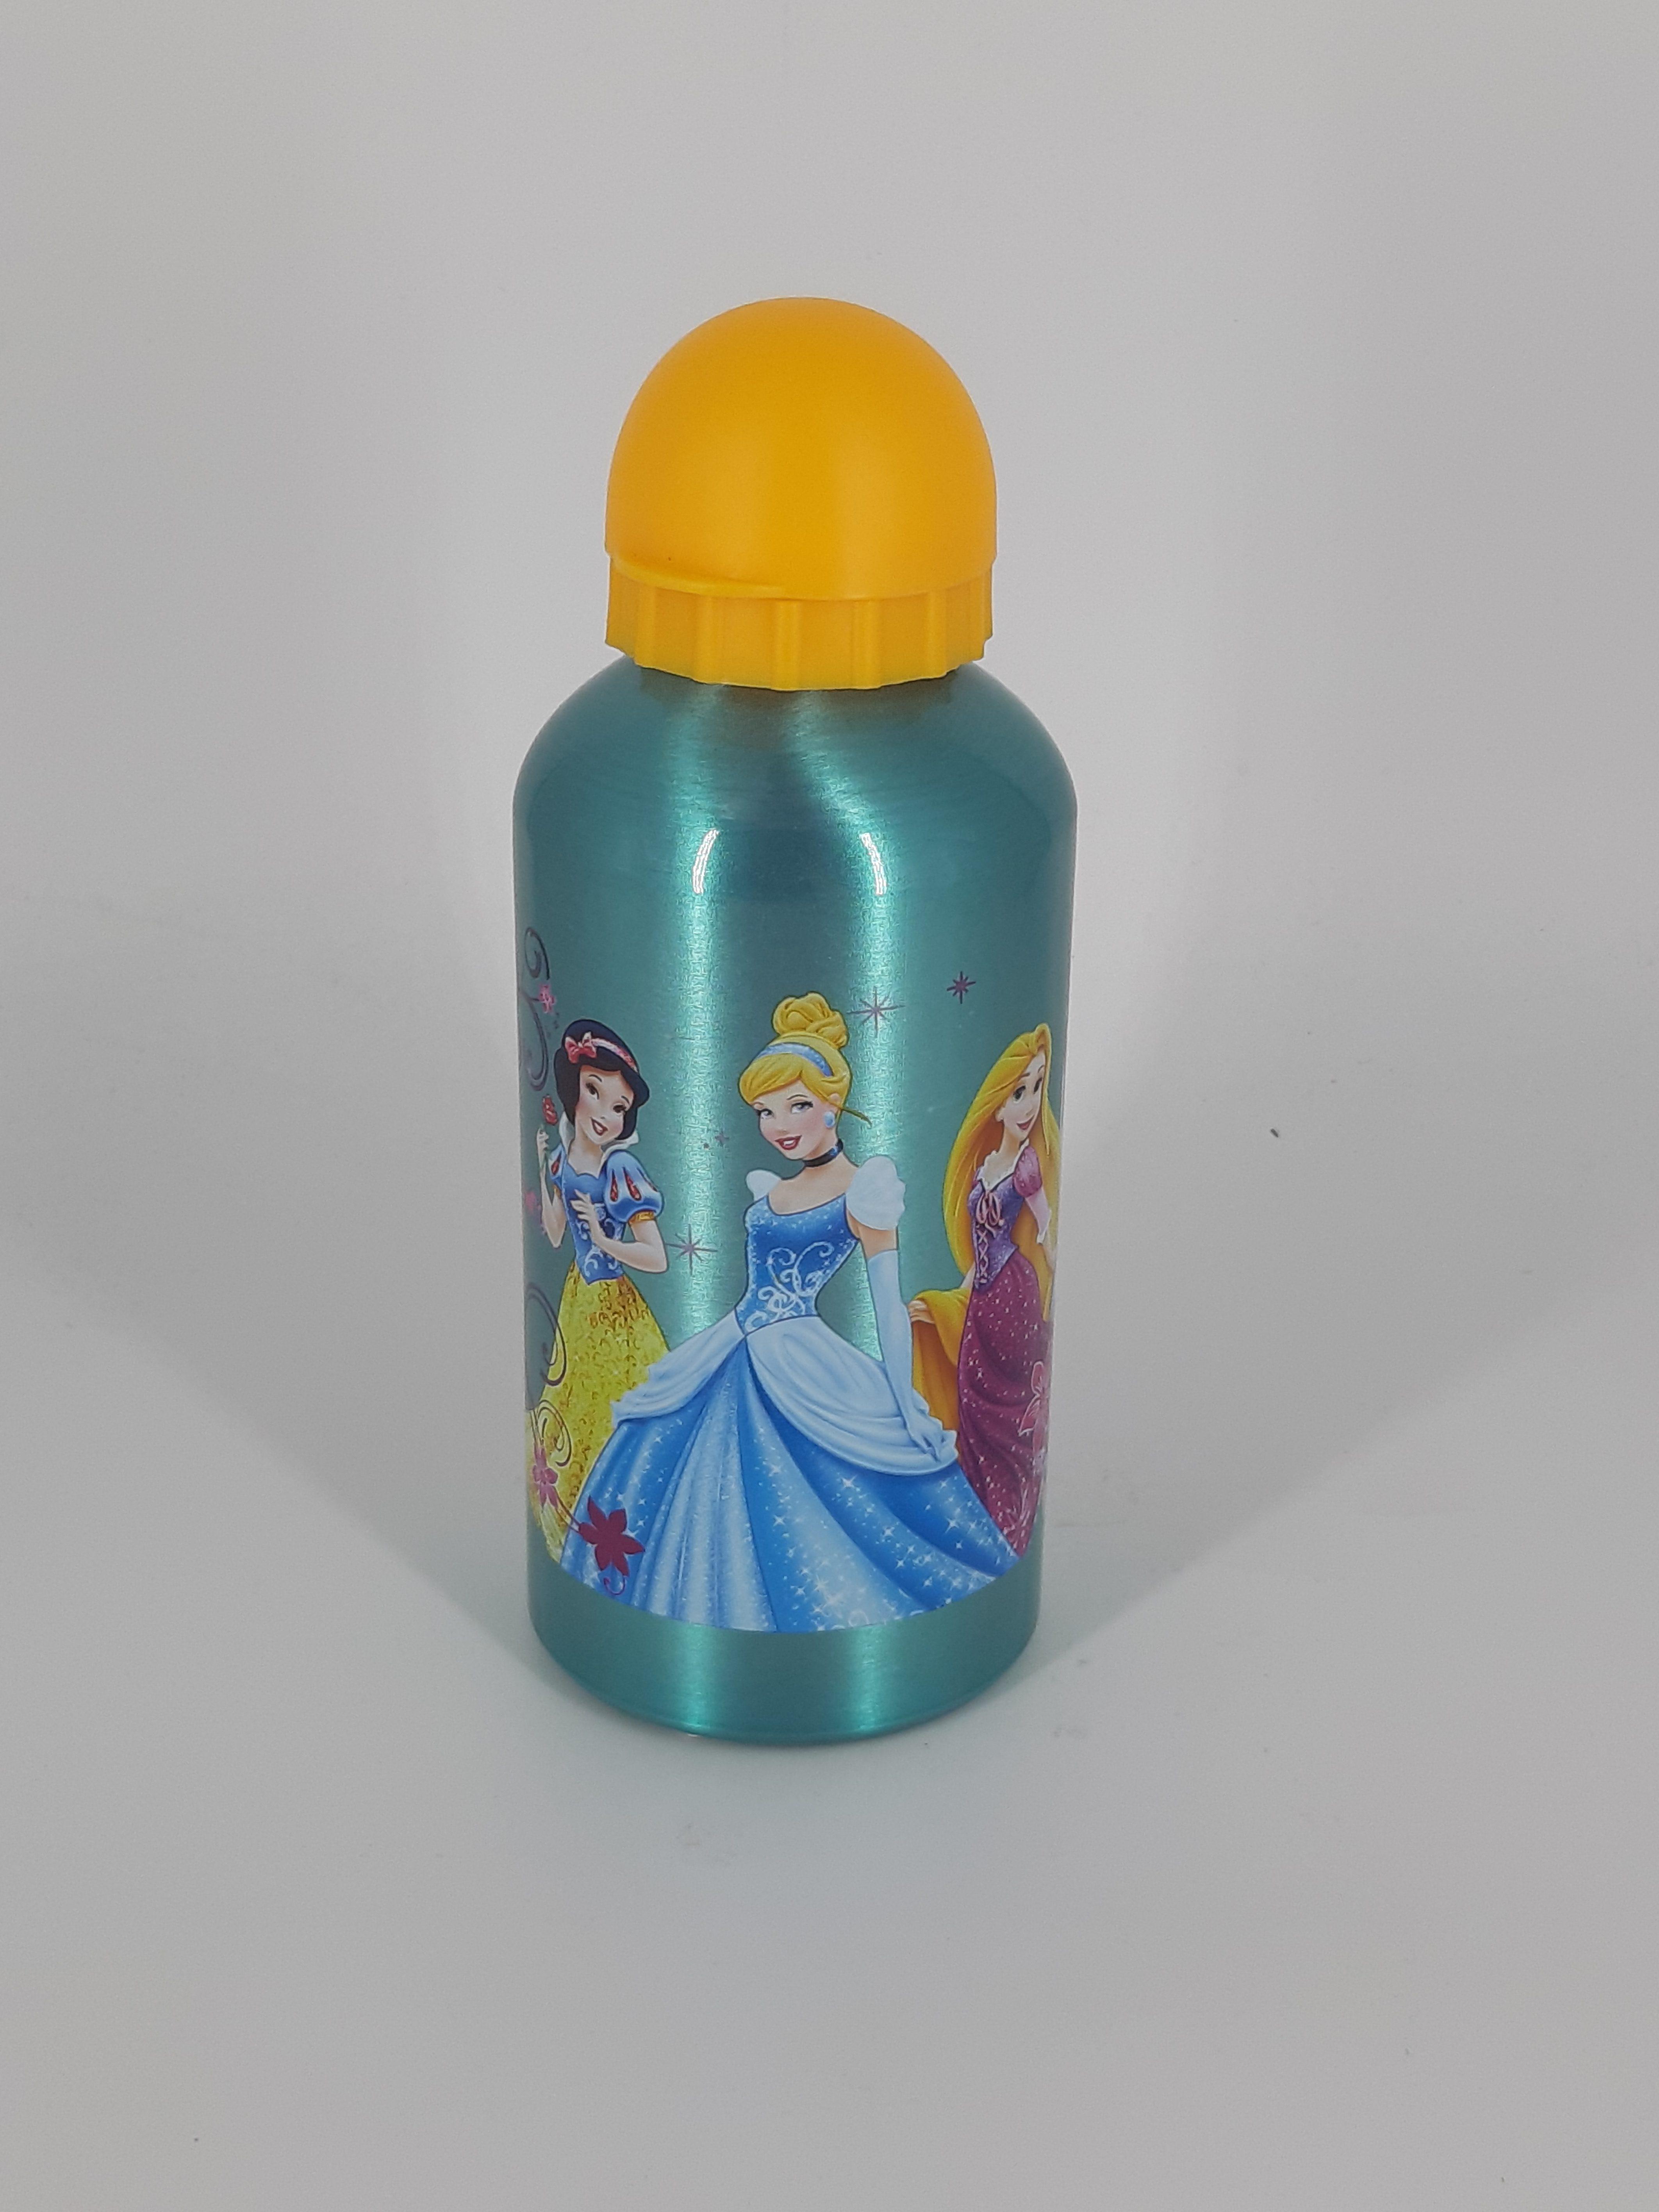 2 Disney Princess Auto Sonnenschutz Kinder Seitenschutz Prinzessin Sonnenblende